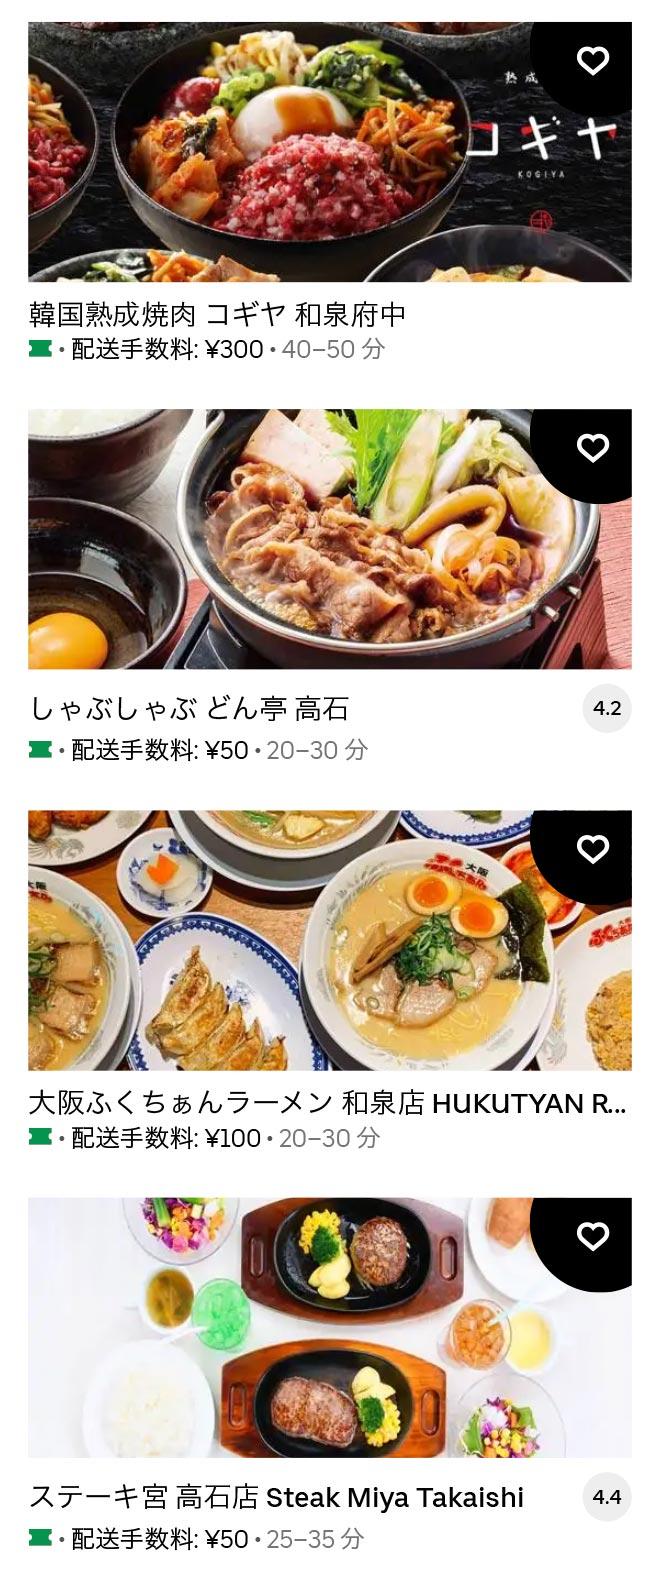 U kitashinoda 2105 11